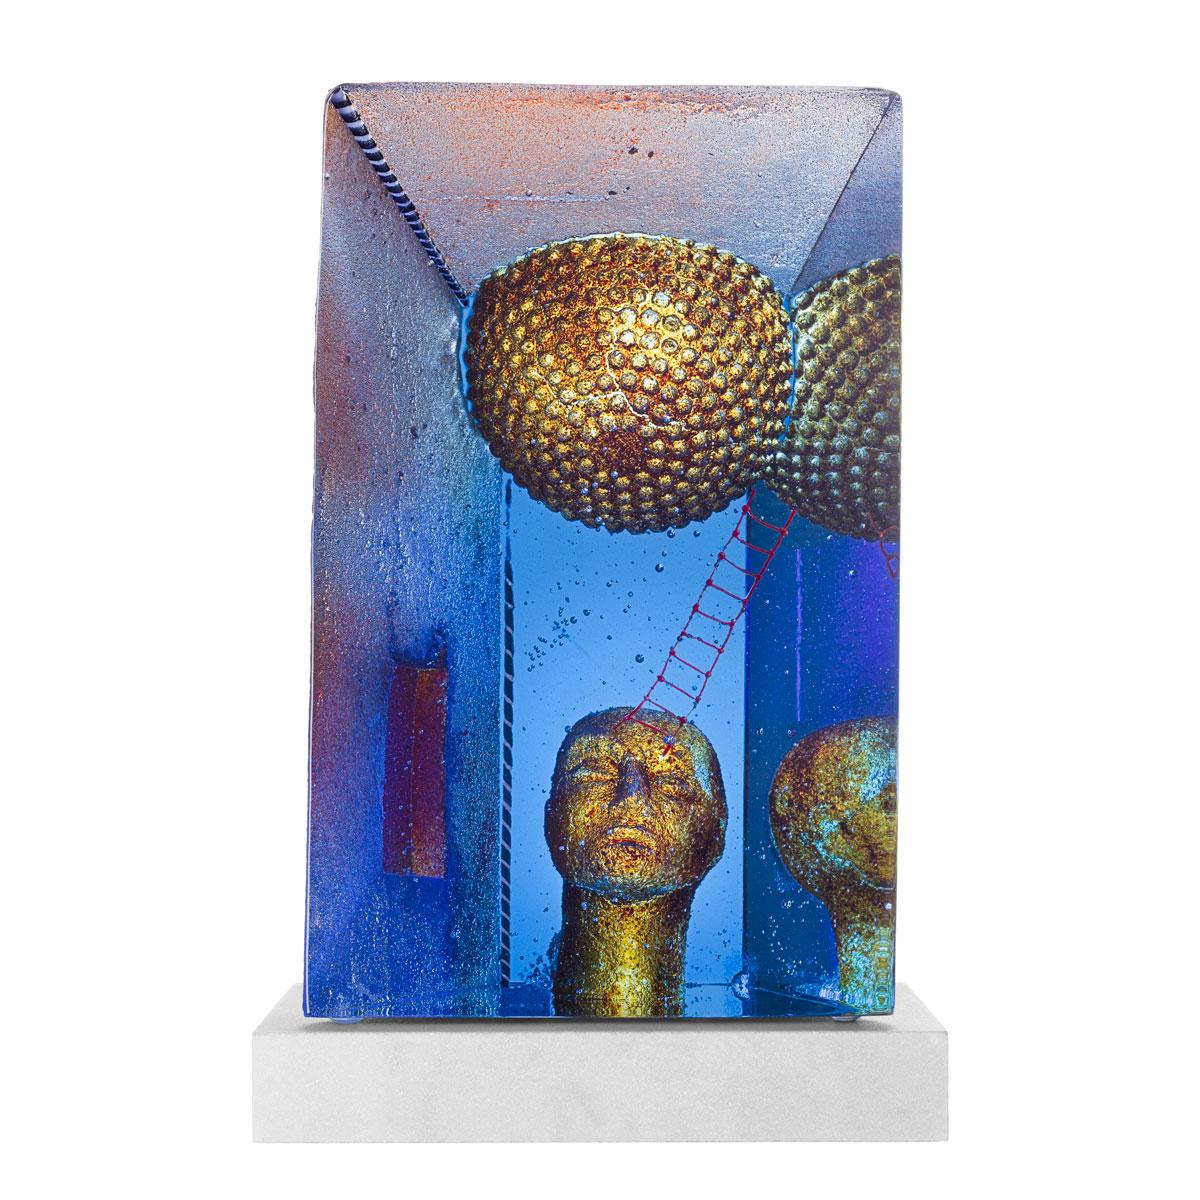 Kosta Boda Art Glass Bertil Vallien Blue Moon Sculpture, Limited Edtion of 100